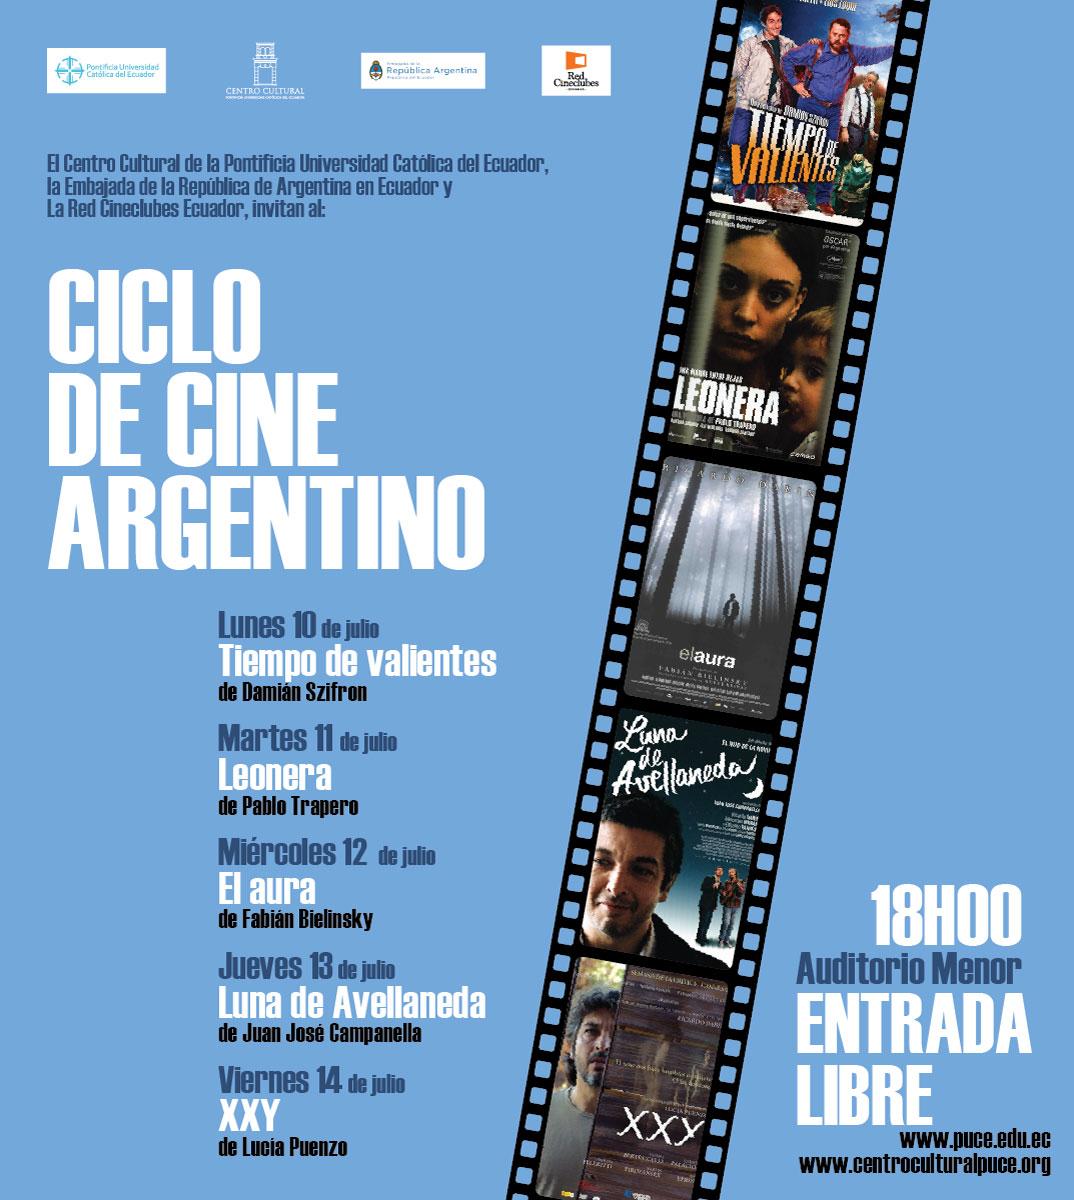 CICLO_DE_CINE_ARGENTINO